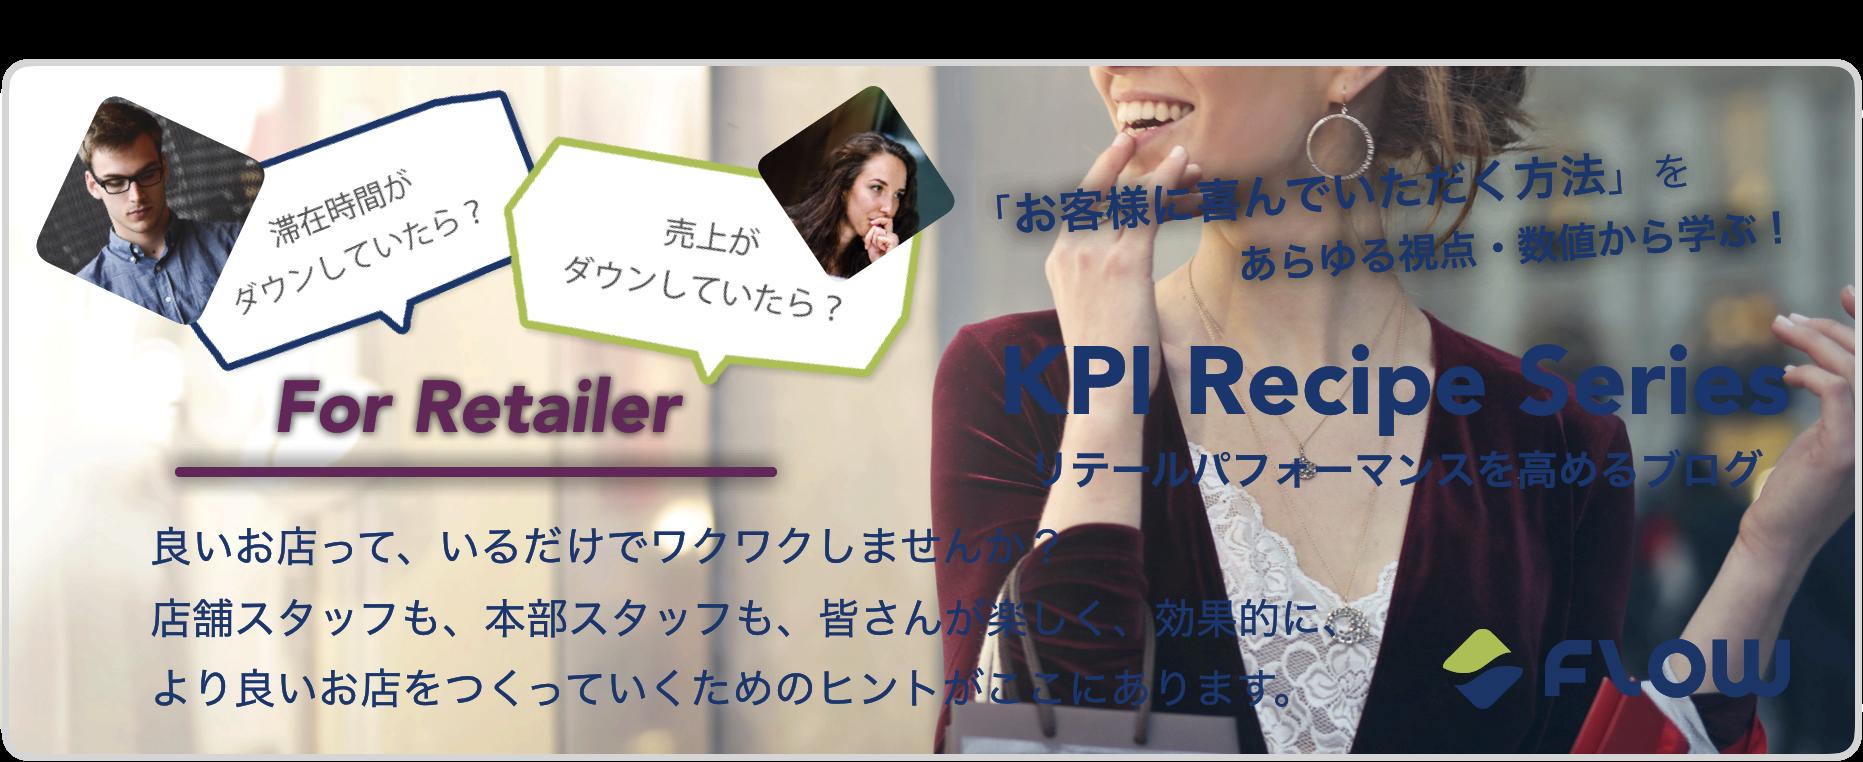 AIを活用したデータアクション提案開発を進めるFlowが、小売店舗で必要なKPIと活用法をご紹介する「KPIレシピ」の連載開始!